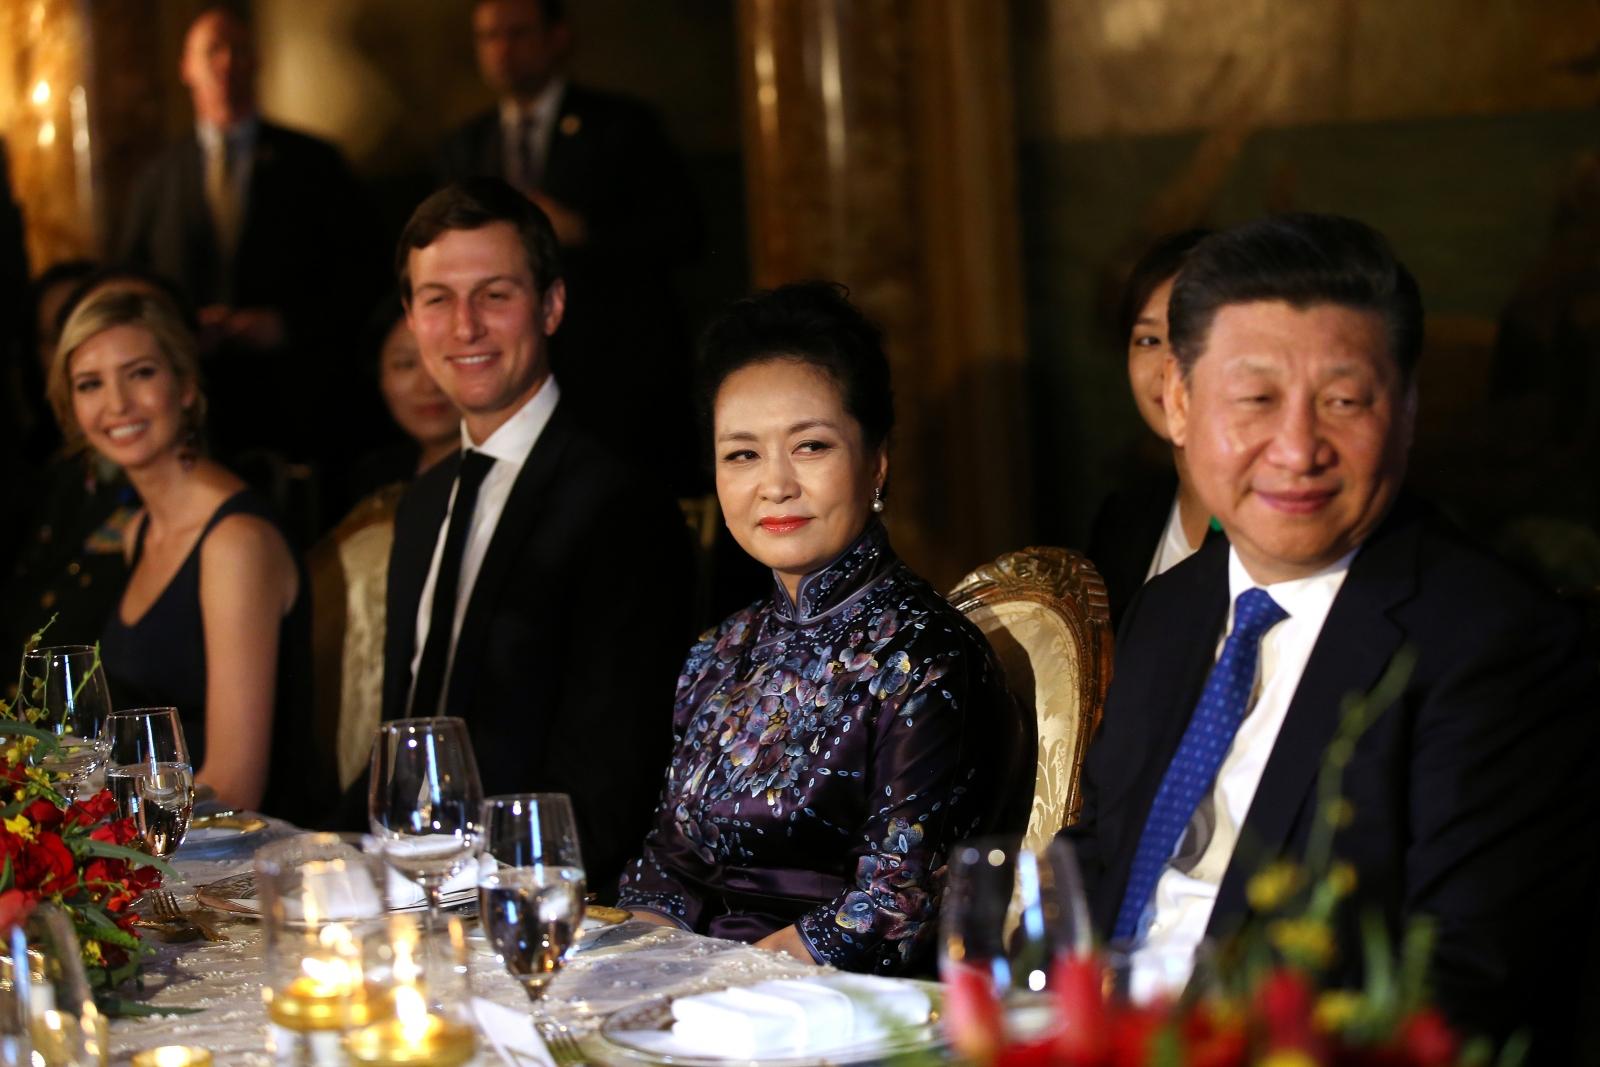 Xi Jinping, Peng Liyuan, Jared and Ivanka